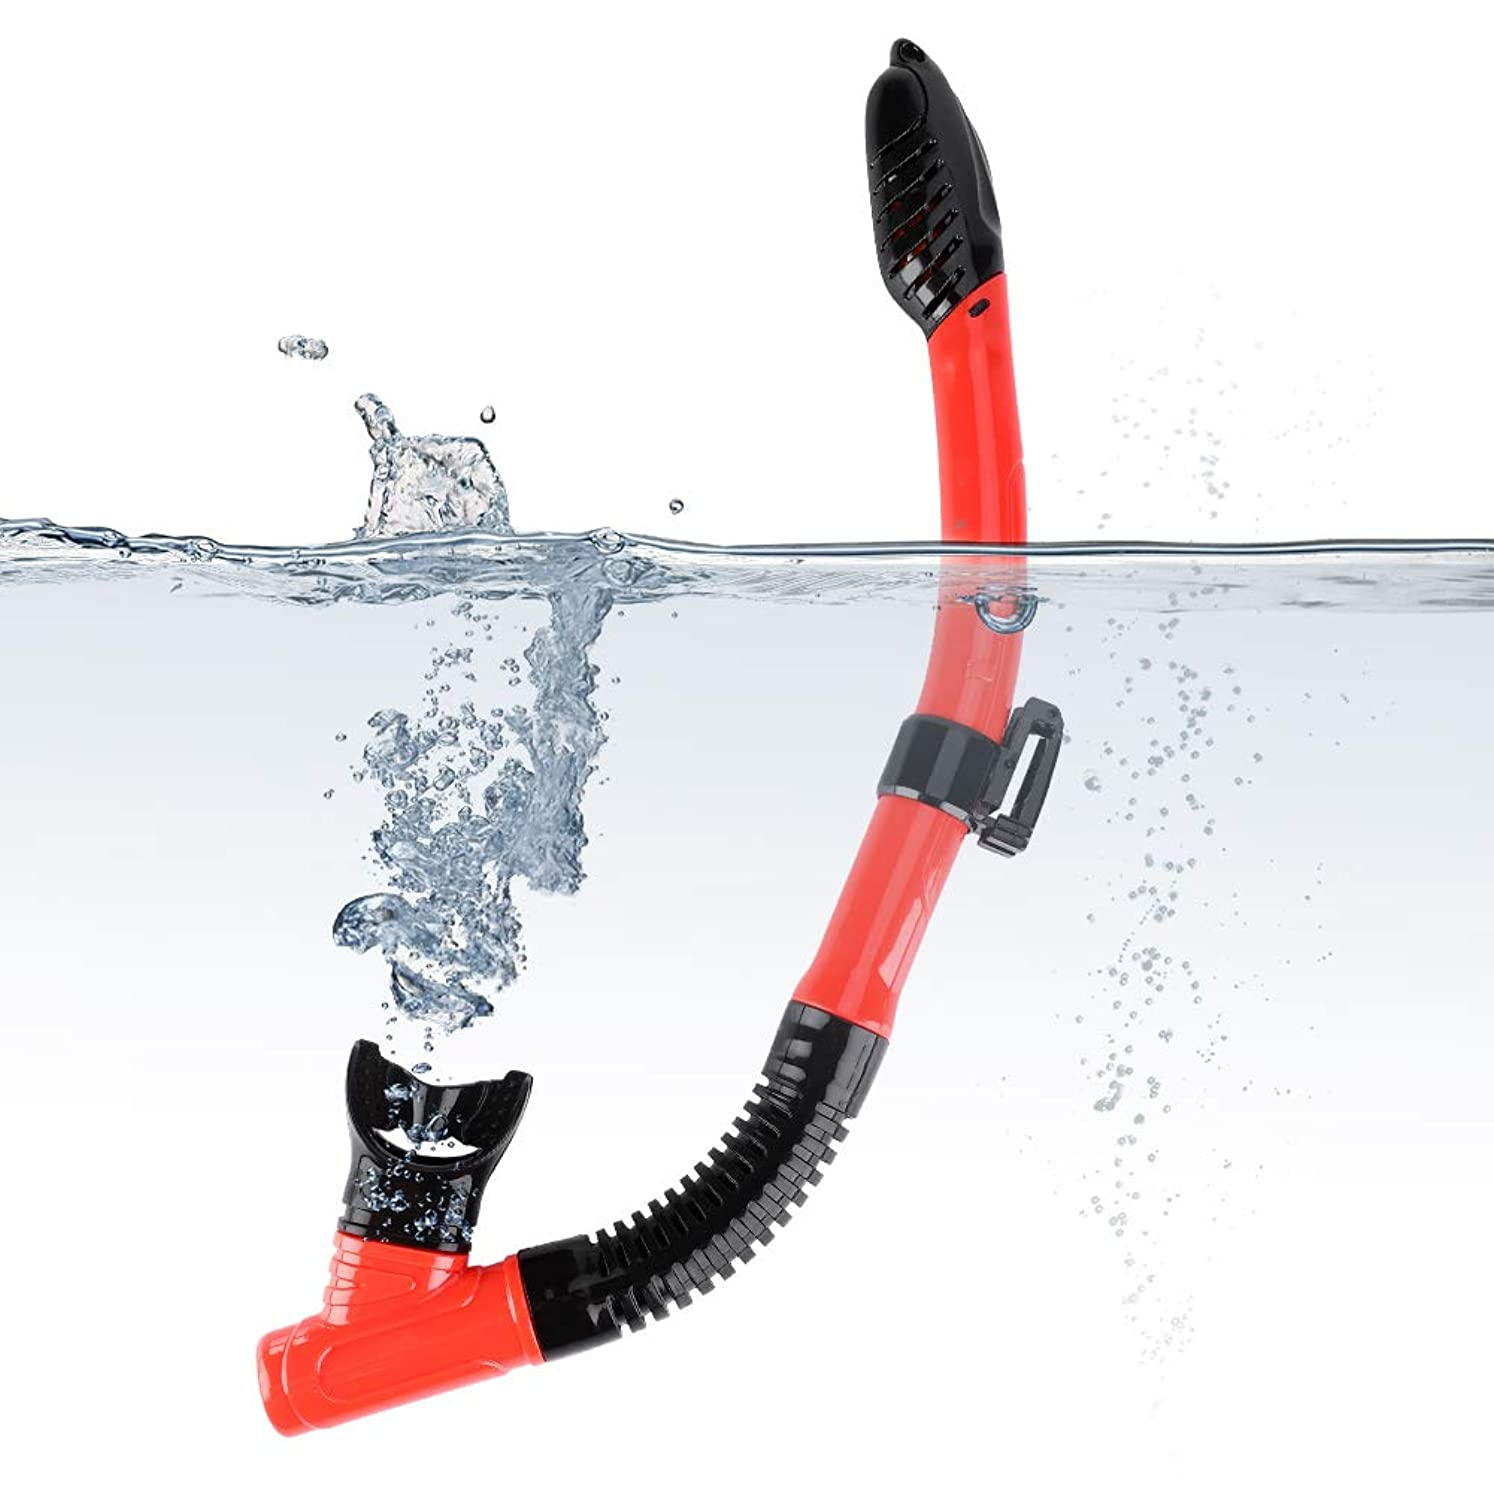 三無条件ウルルシュノーケルドライ シュノーケルチューブ シリコーン 水泳 ダイビング 通気性チューブ シュノーケリング用 赤